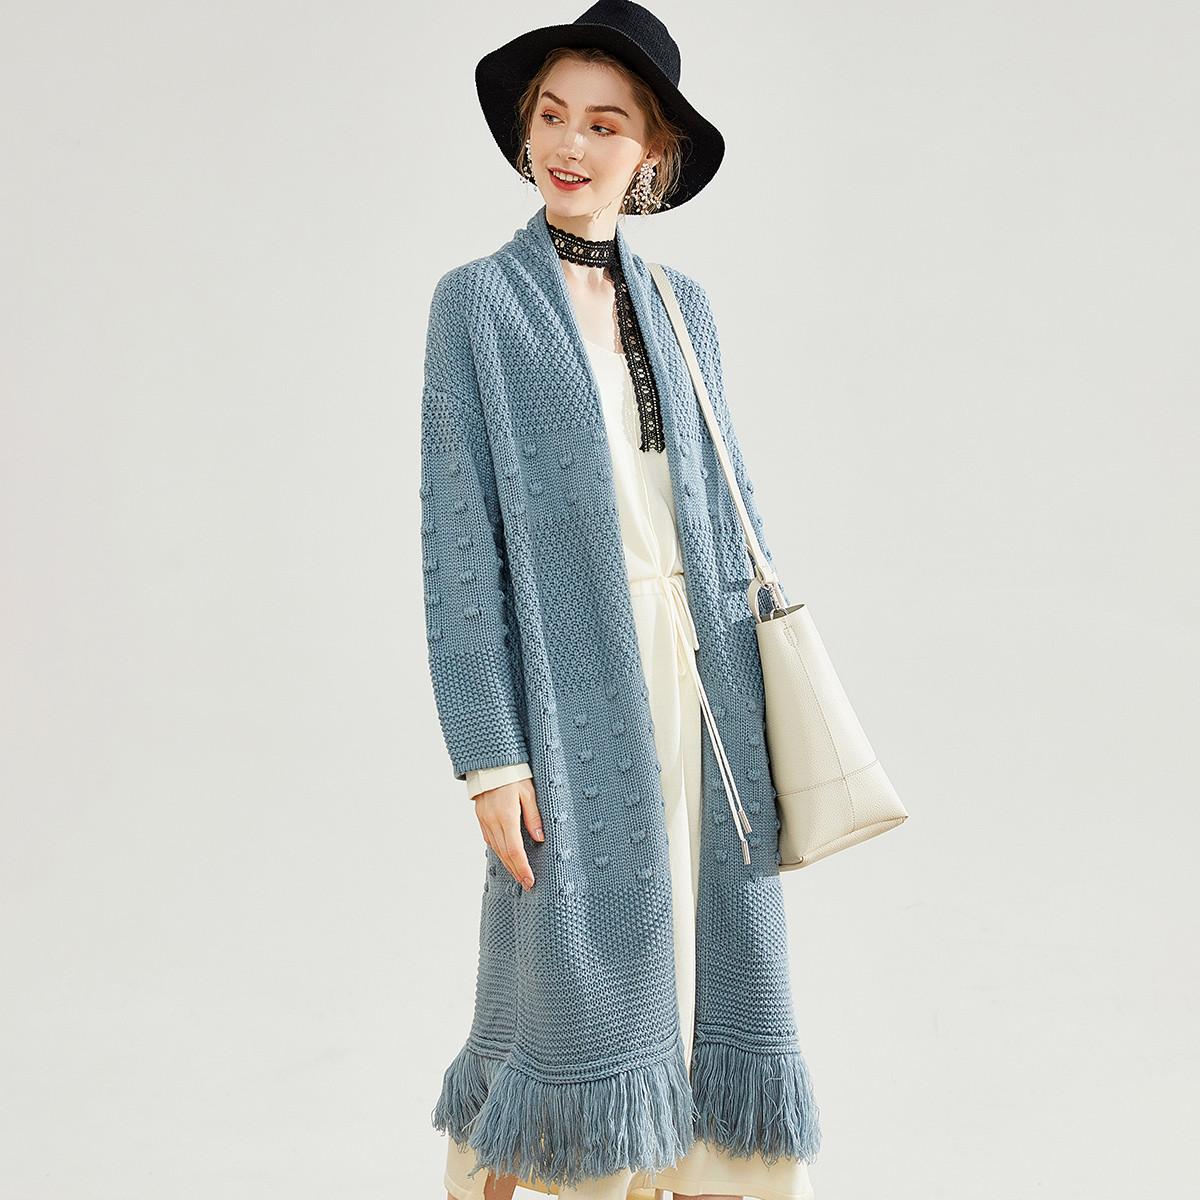 戈蔓婷品牌女装专卖店用成功经验告诉你女装这样经营效益更好